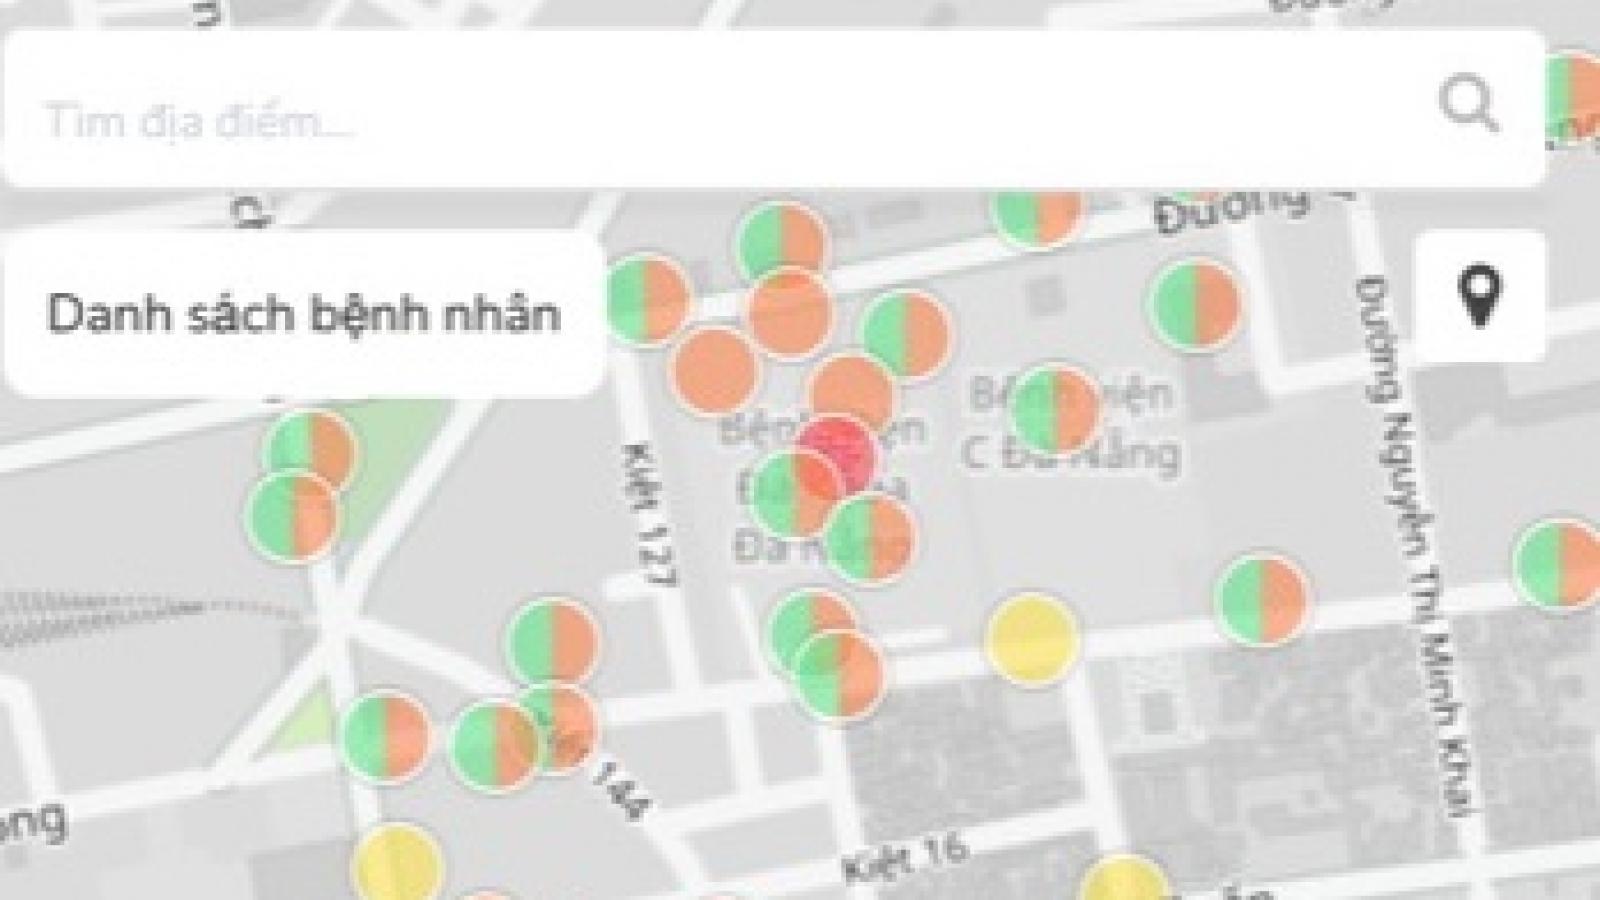 Đà Nẵng:Hơn 350.000 người truy cập vào ứng dụng CNTT tìm thông tin về Covid-19